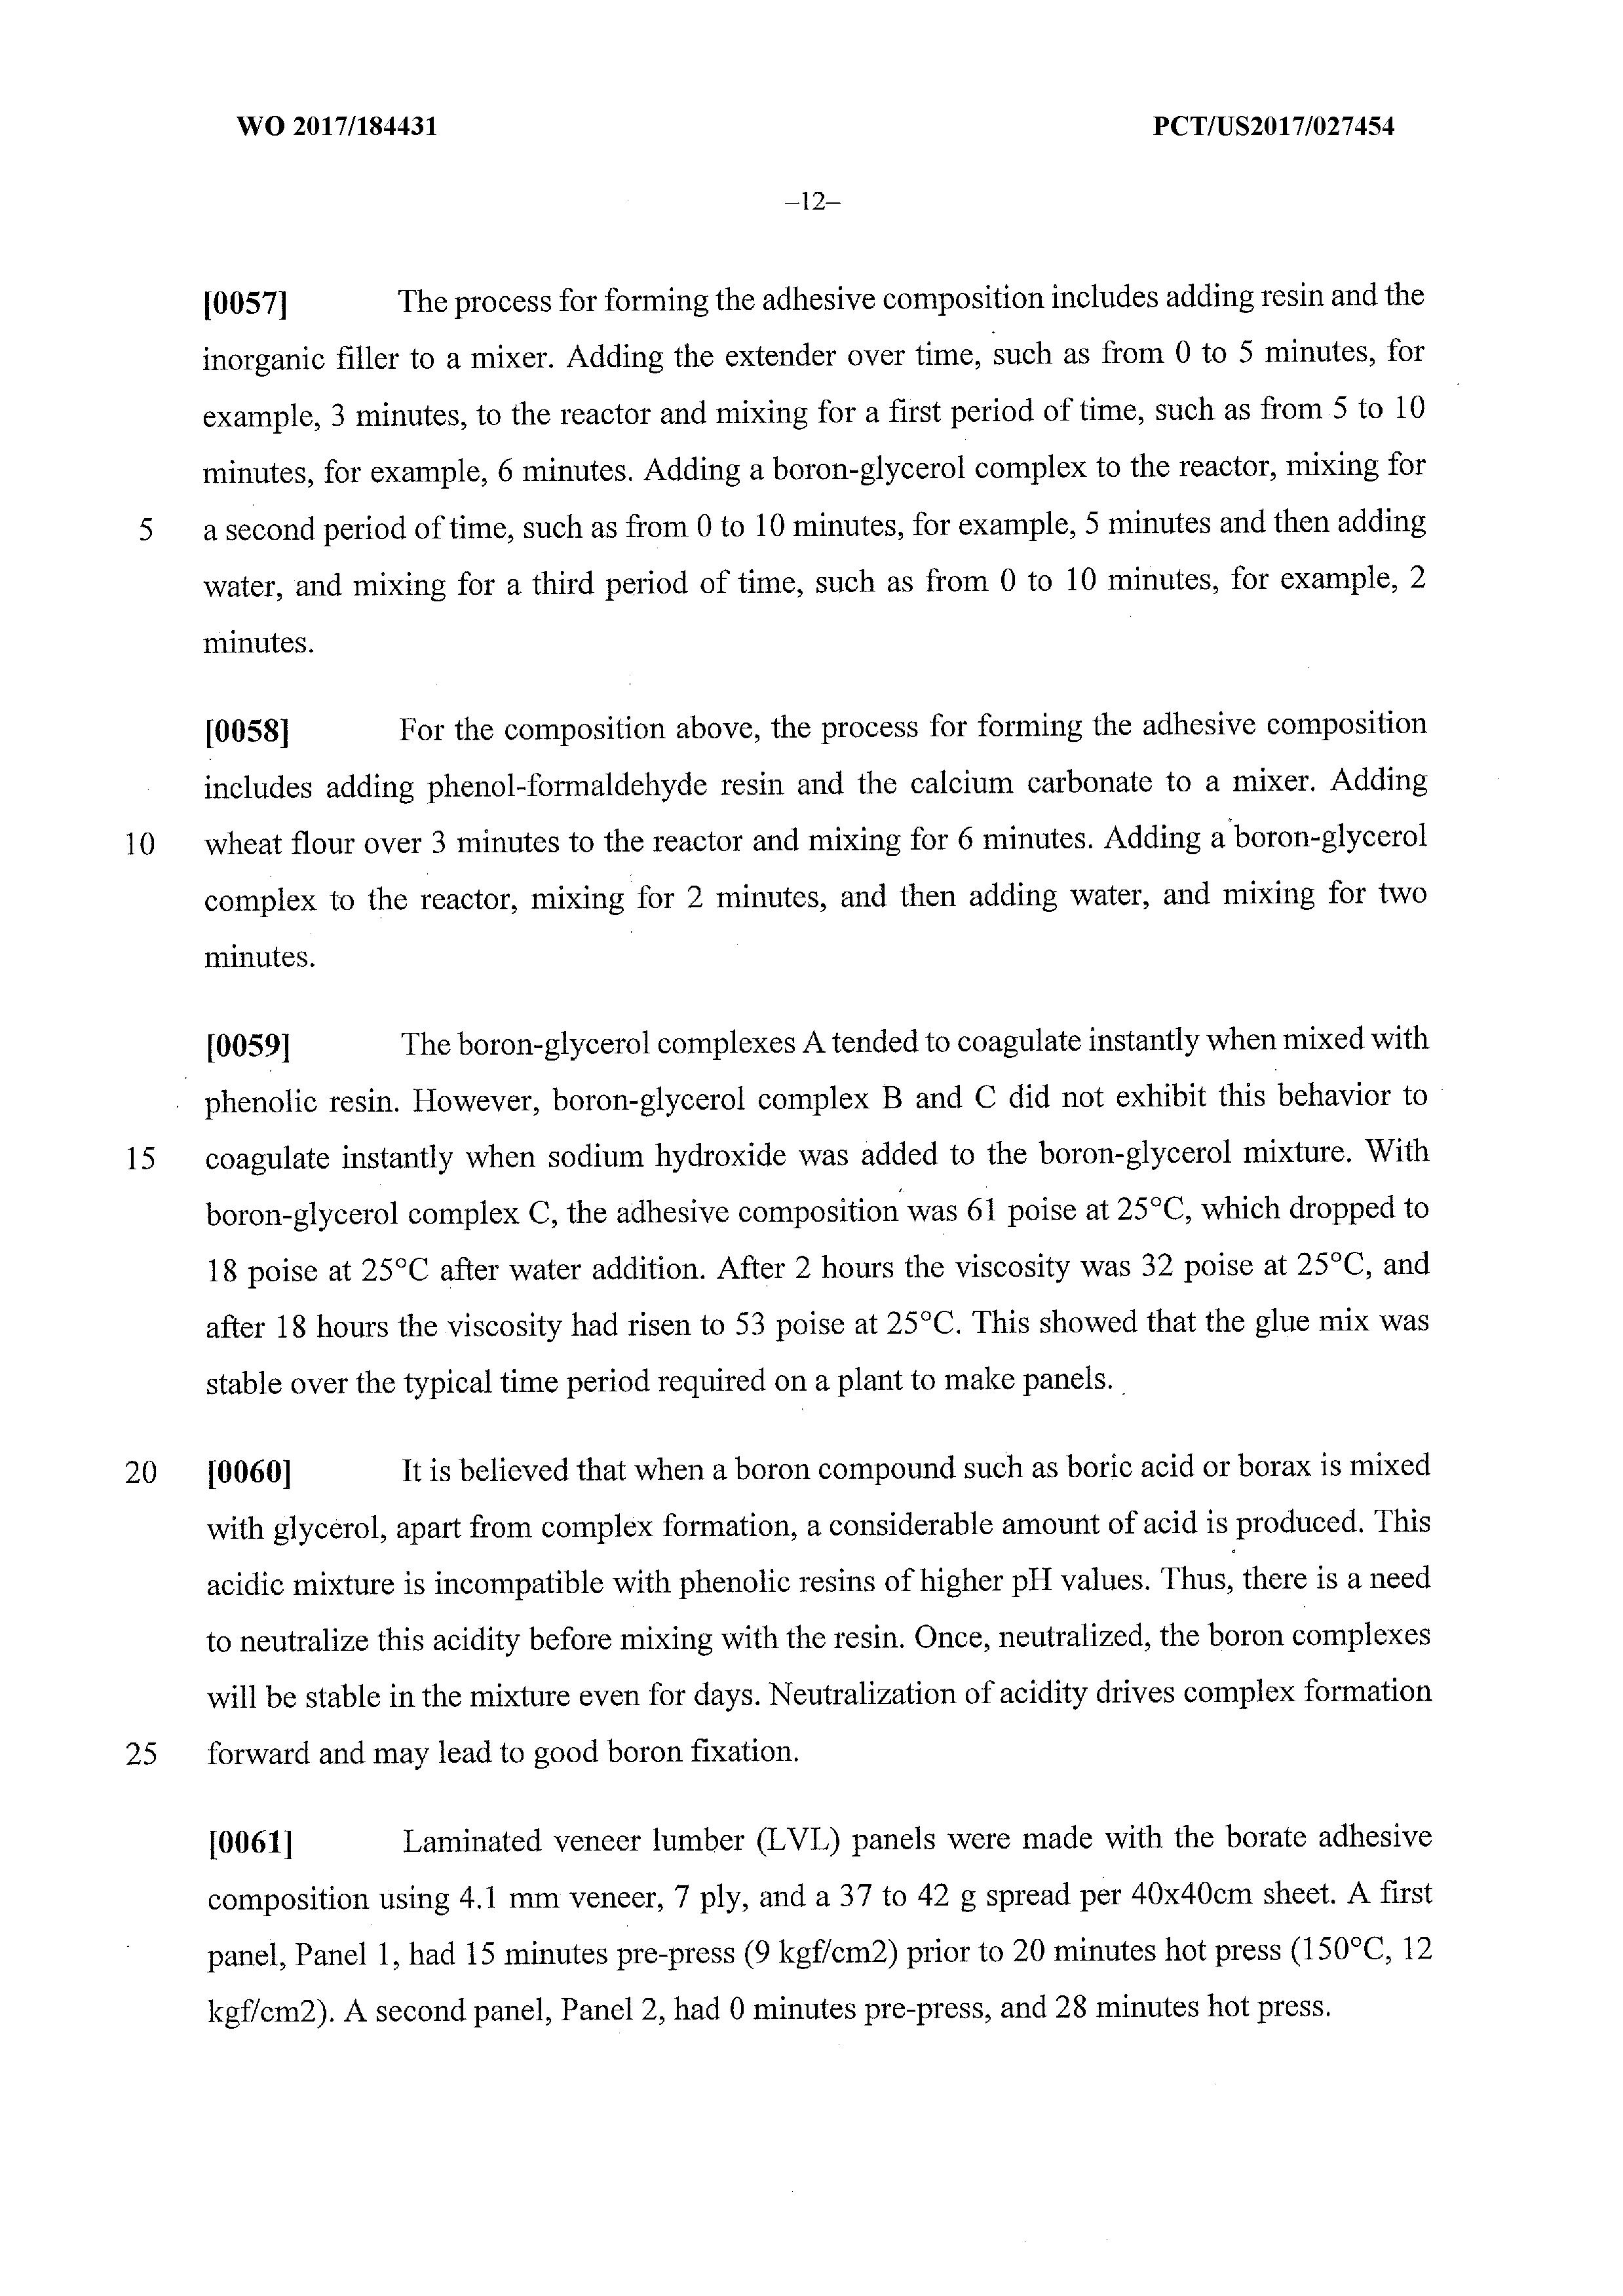 WO 2017/184431 A1 - Incorporation Of Boron Complex Into